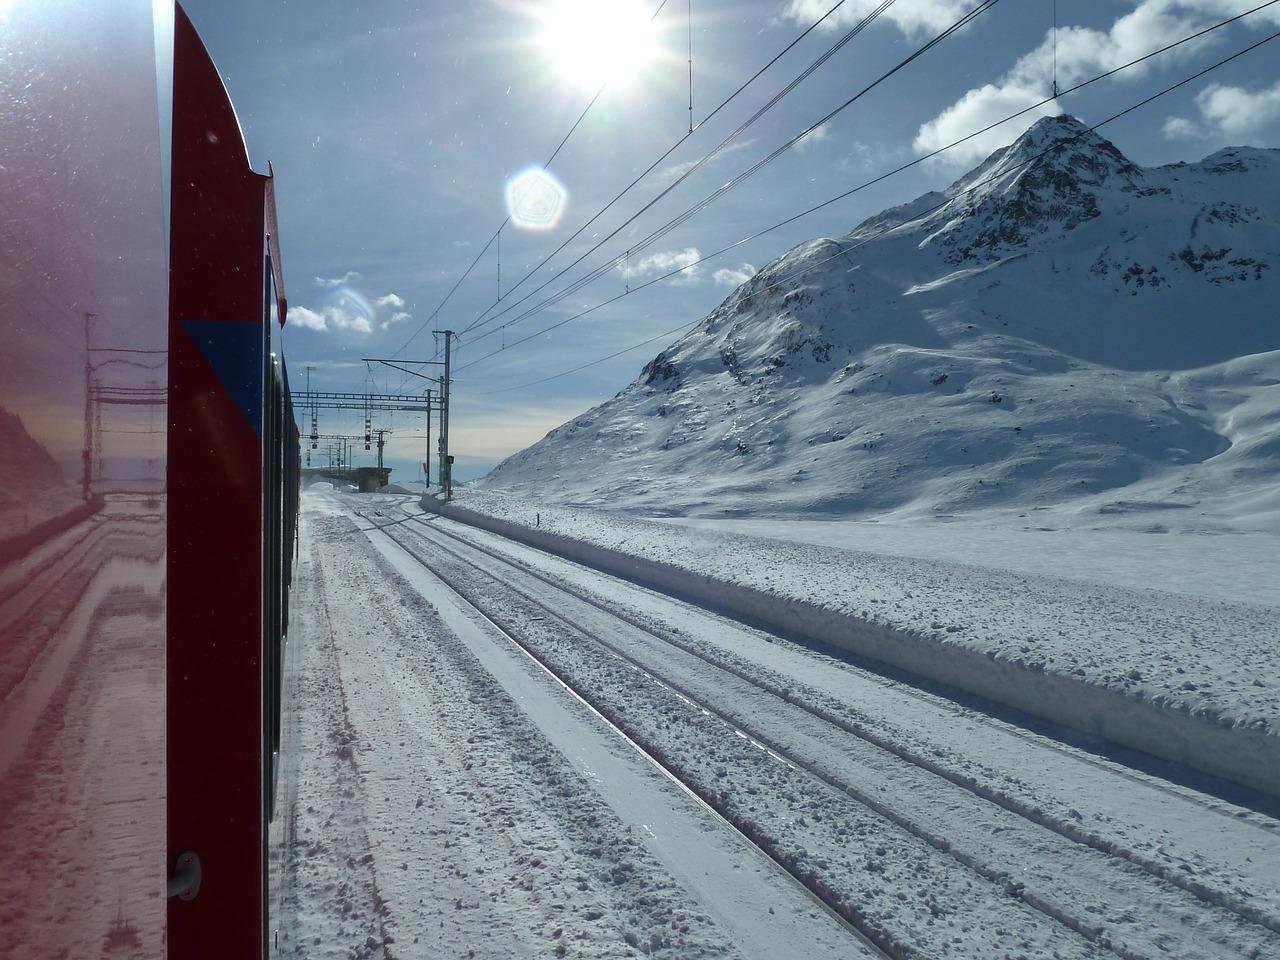 Traumhafte Schneelandschaften auf der Fahrt mit dem Glacier Express